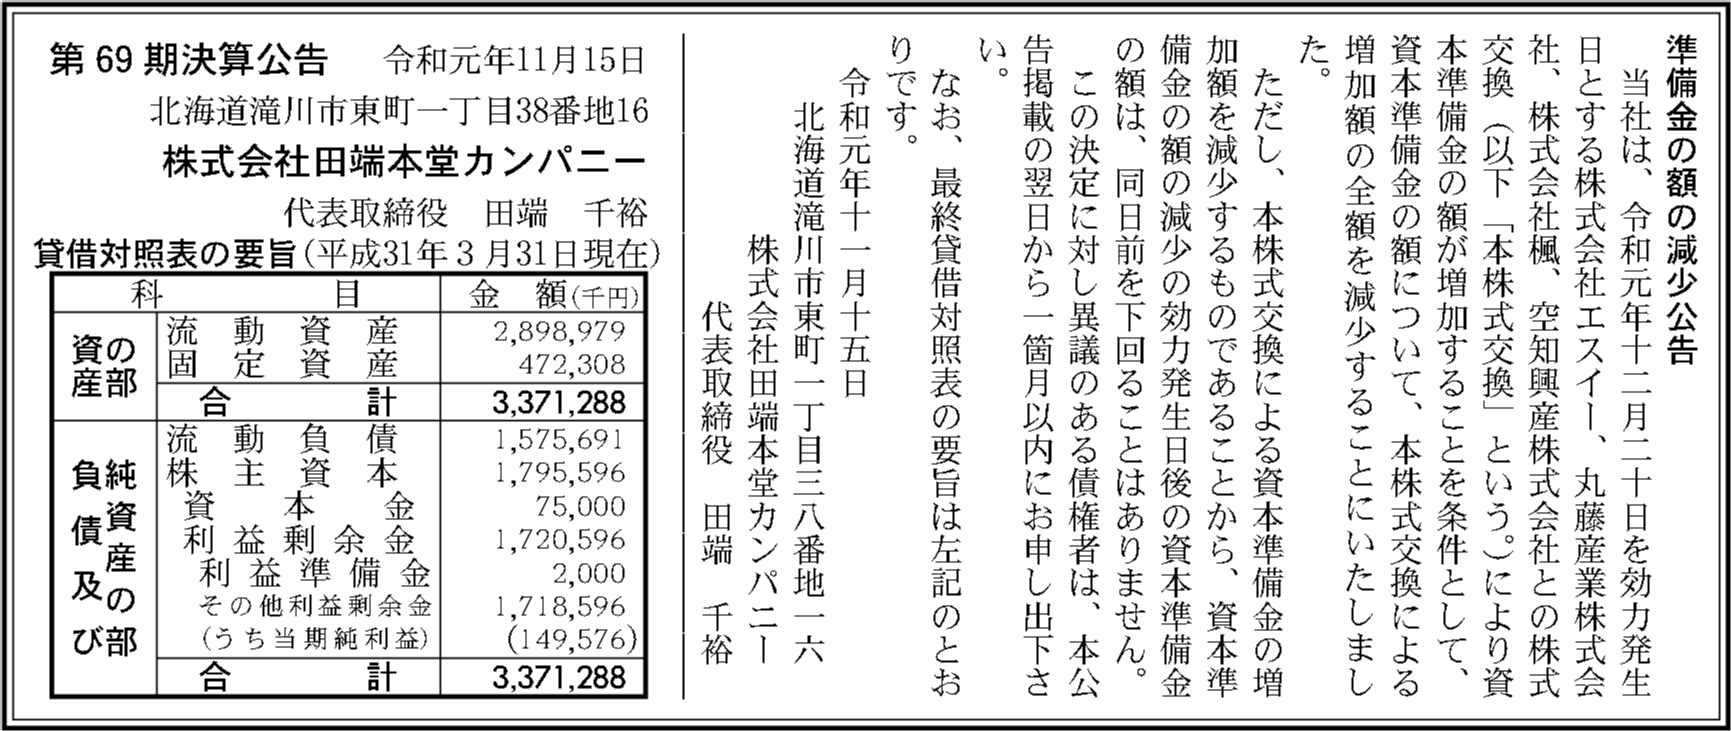 0123 1a26fd08f60cc17d80b033803111c9cc98d1e6946642504891afb4c2fa4631199e20746c54a2ff32d17c3eca3e40f16599a213c8bcf75be9d9c8c9f7e0c89388 05